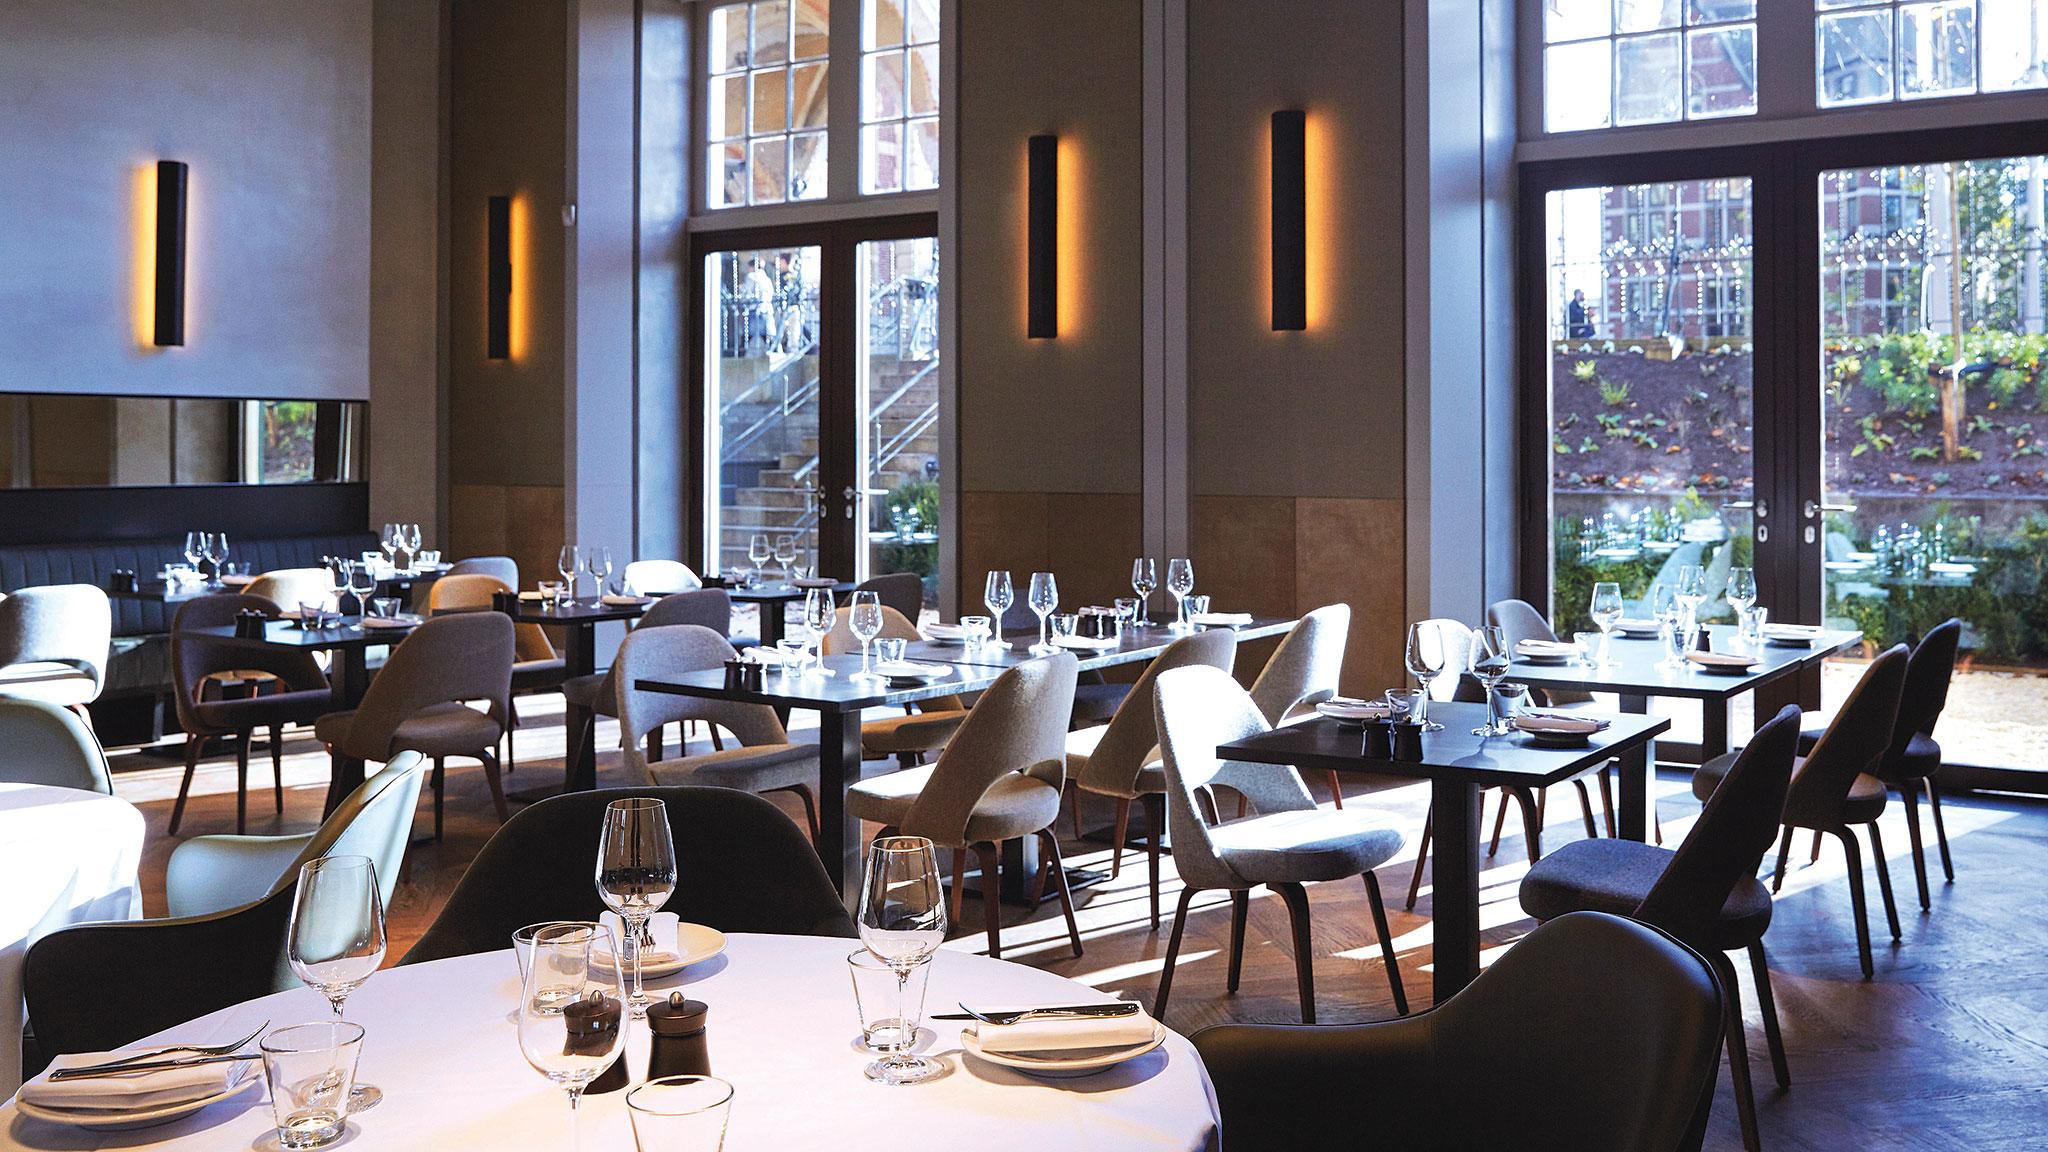 Restaurant Visaandescheid